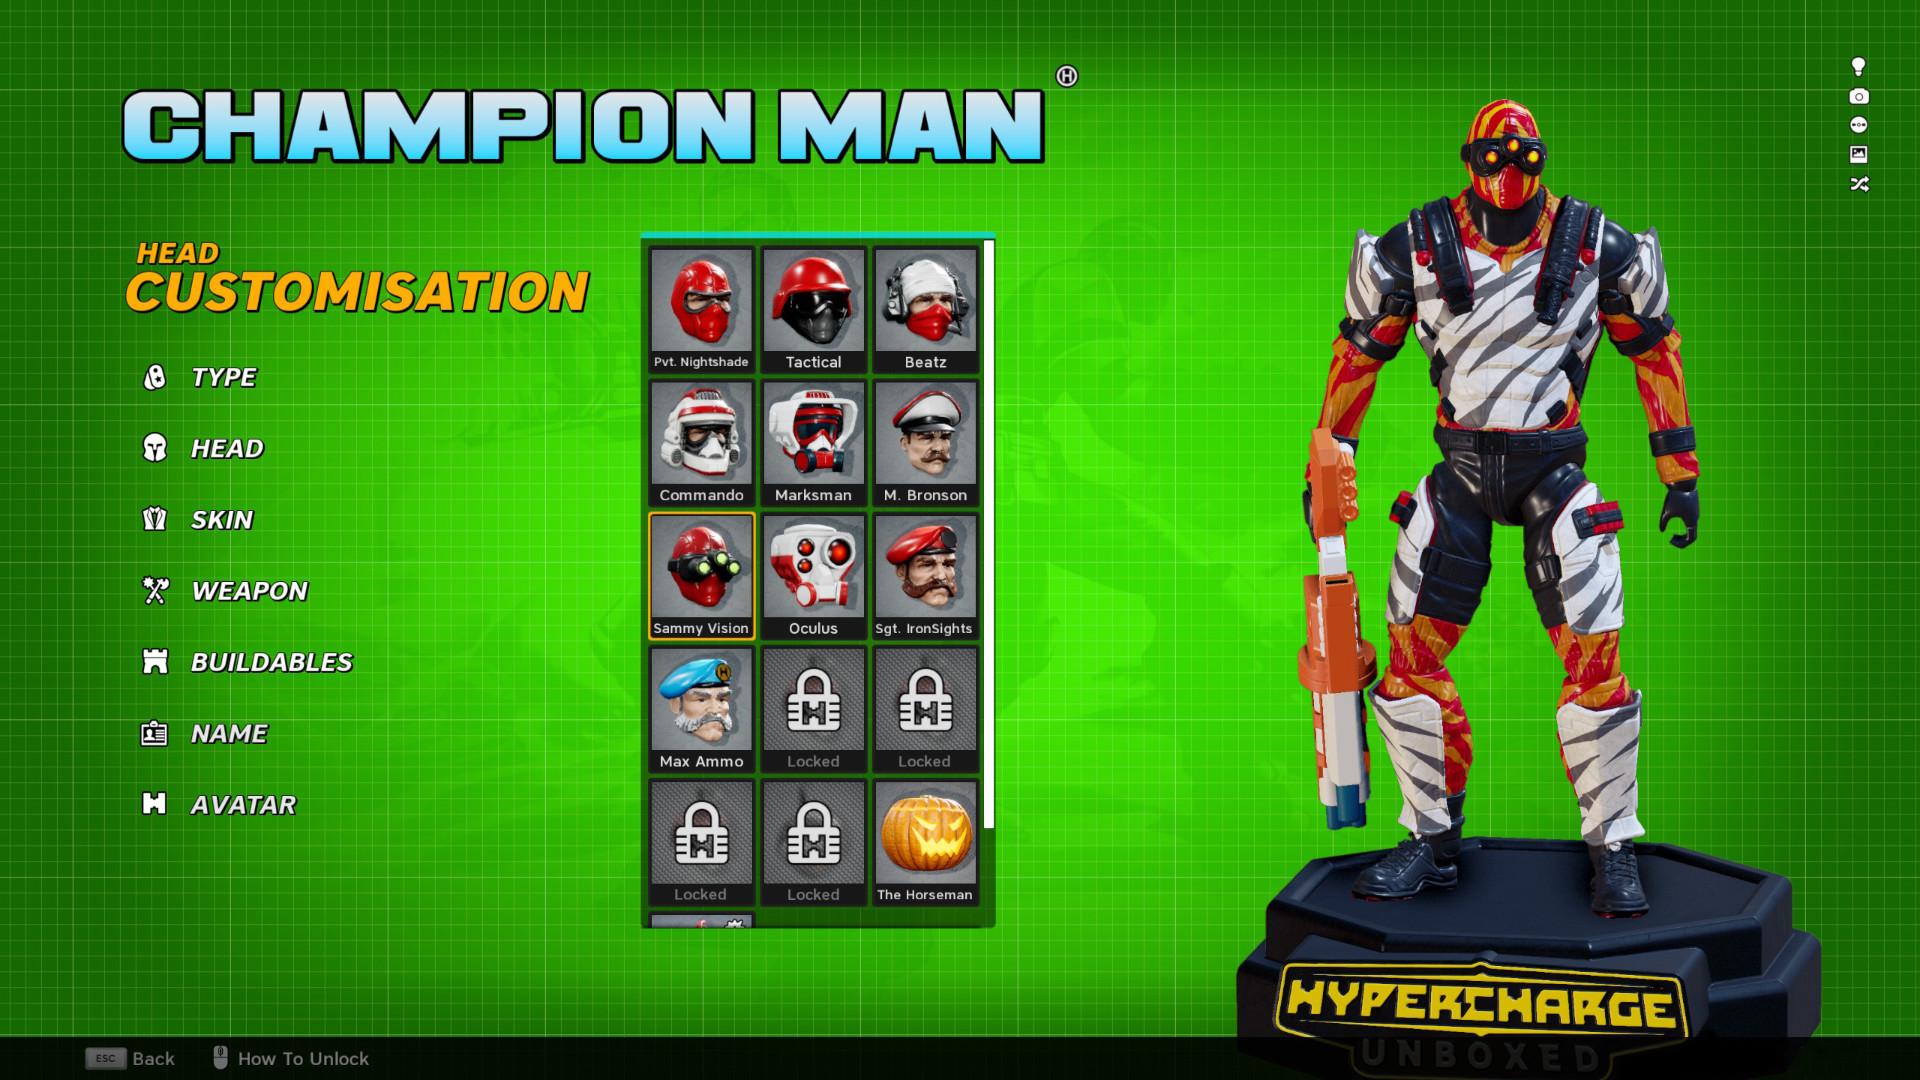 超级冲锋:开箱/HYPERCHARGE: Unboxed(v0.1.2341.323-周年版)插图4